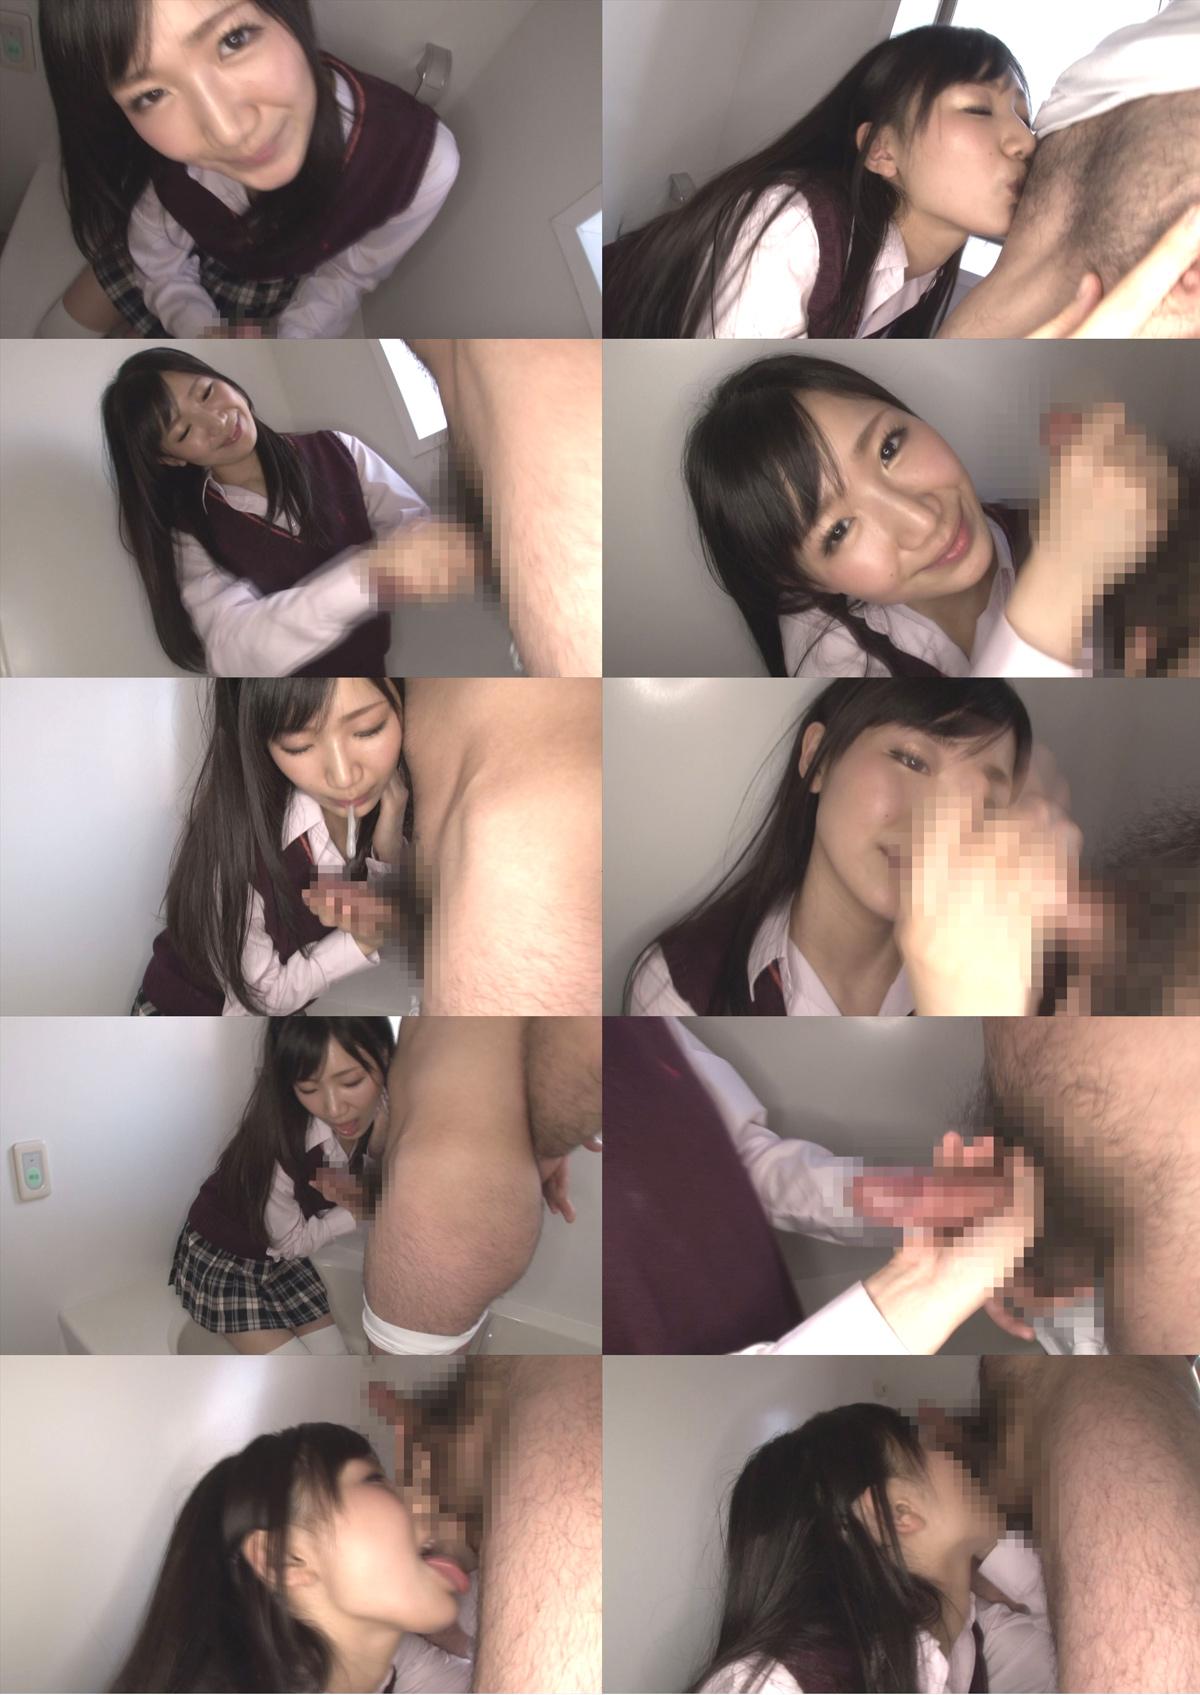 一撃顔射!壁に飛び散ったザーメンも舐める美少女!&発射瞬間を捉えた写真etc計166枚!